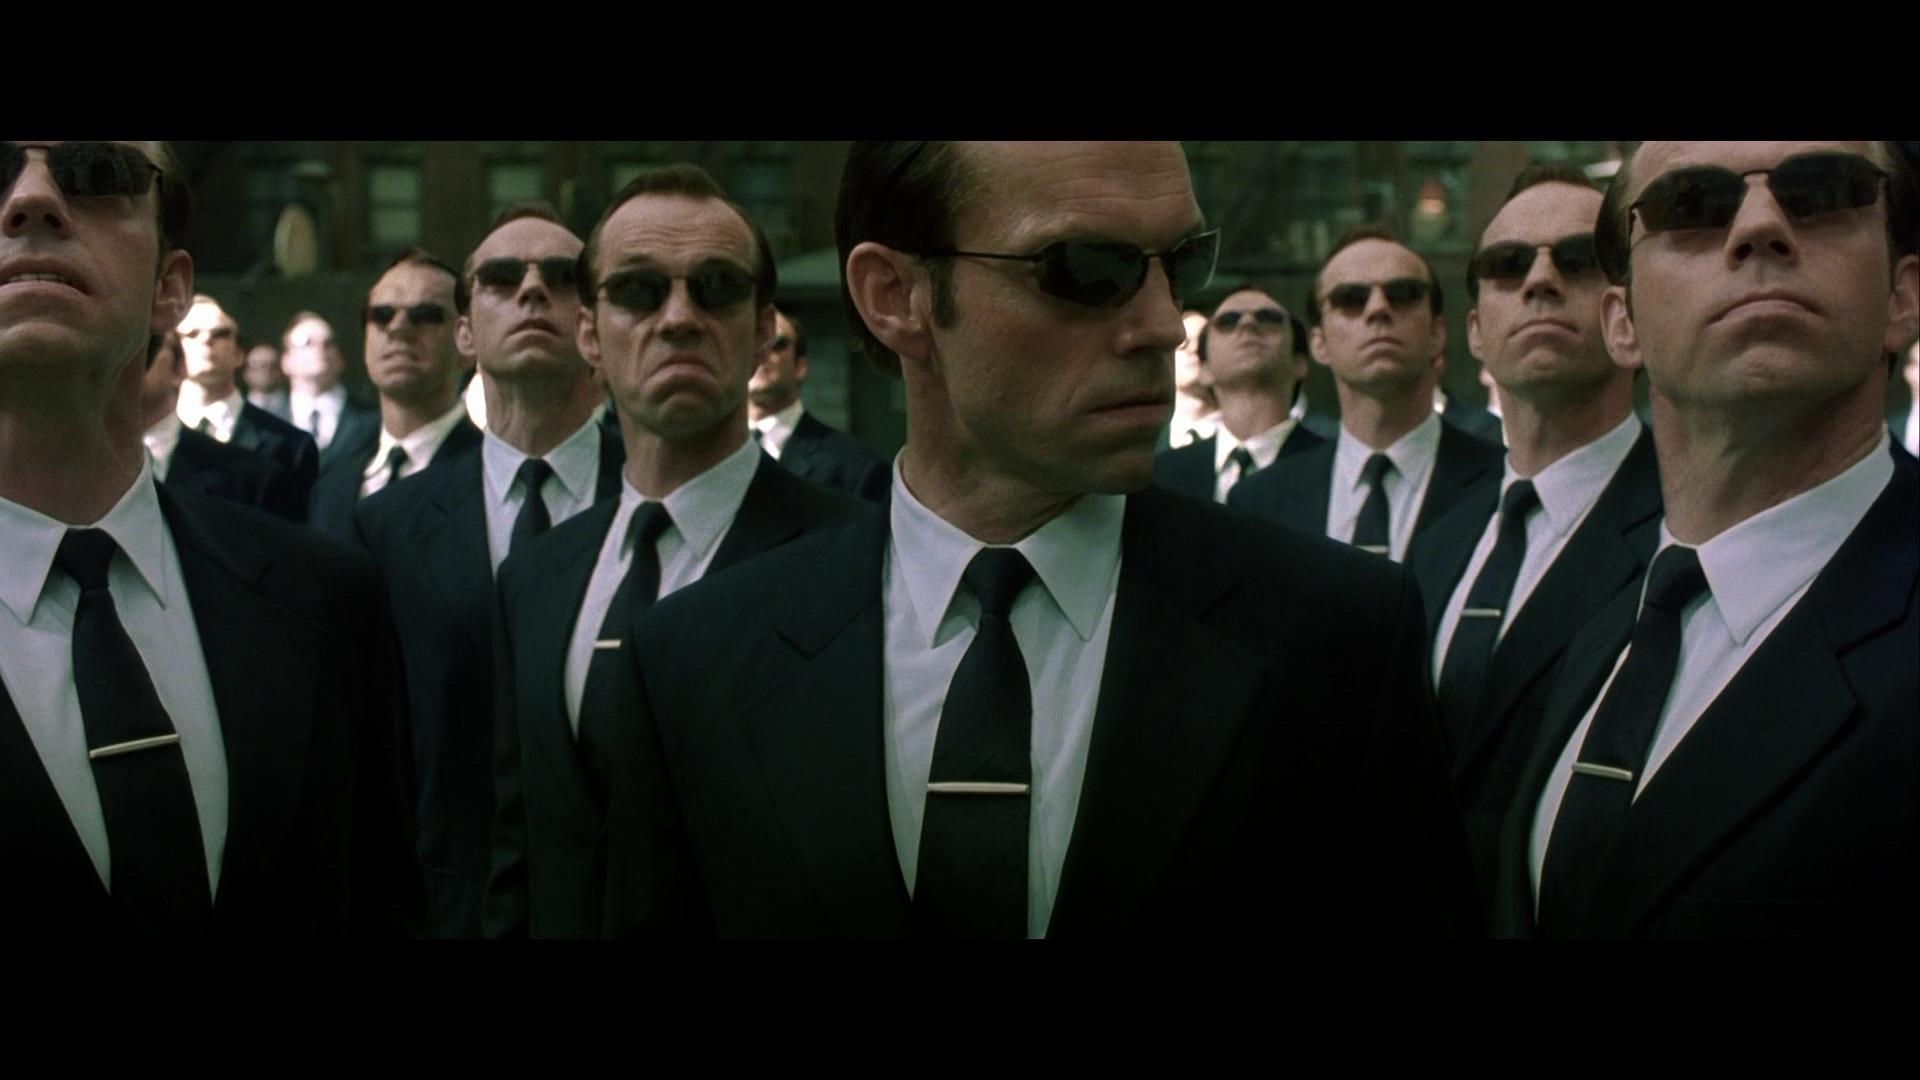 Agent-Smith-Matrix-Replicas-Drones